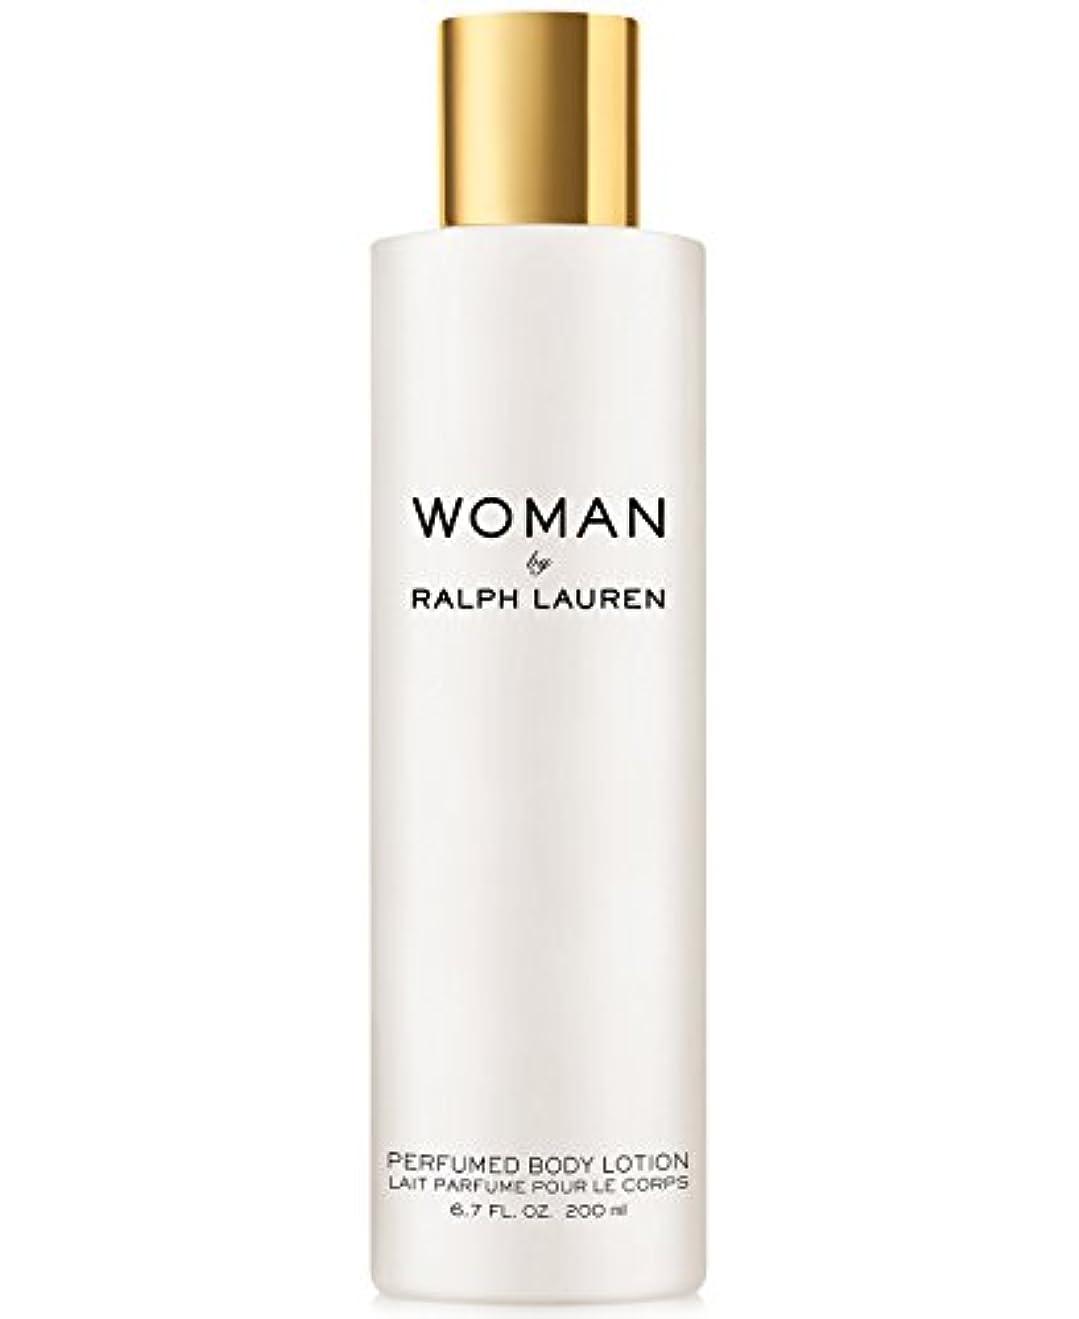 病気の横グローWoman (ウーマン) 6.7 oz (200ml) Perfumed Body Lotion(ラルフ ローレン)